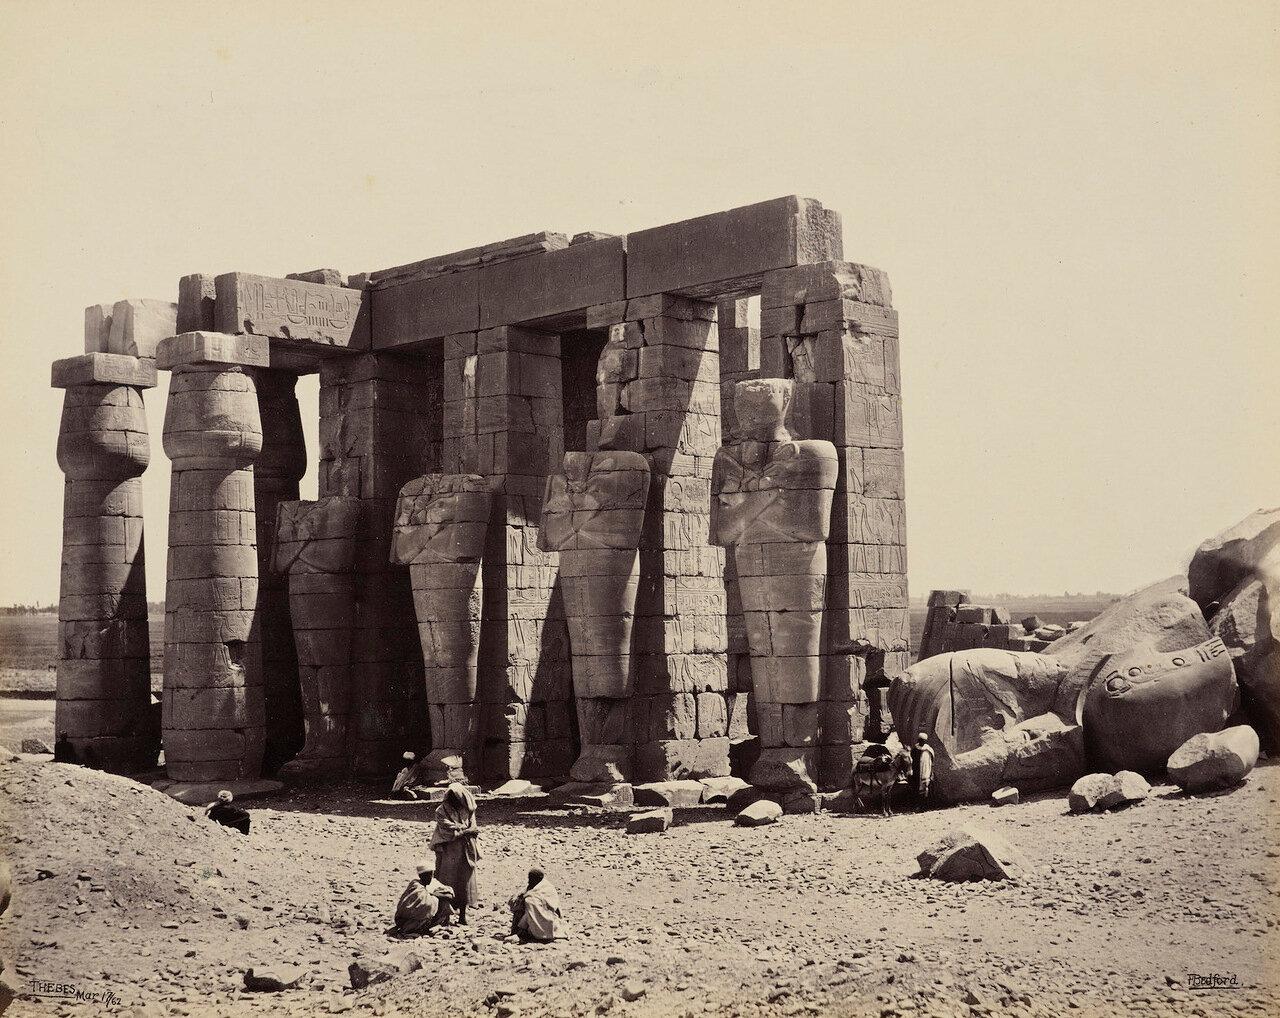 17 марта 1862. Северный портик и поверженный колосс (голова статуи Рамсеса II), Рамессеум, Фивы